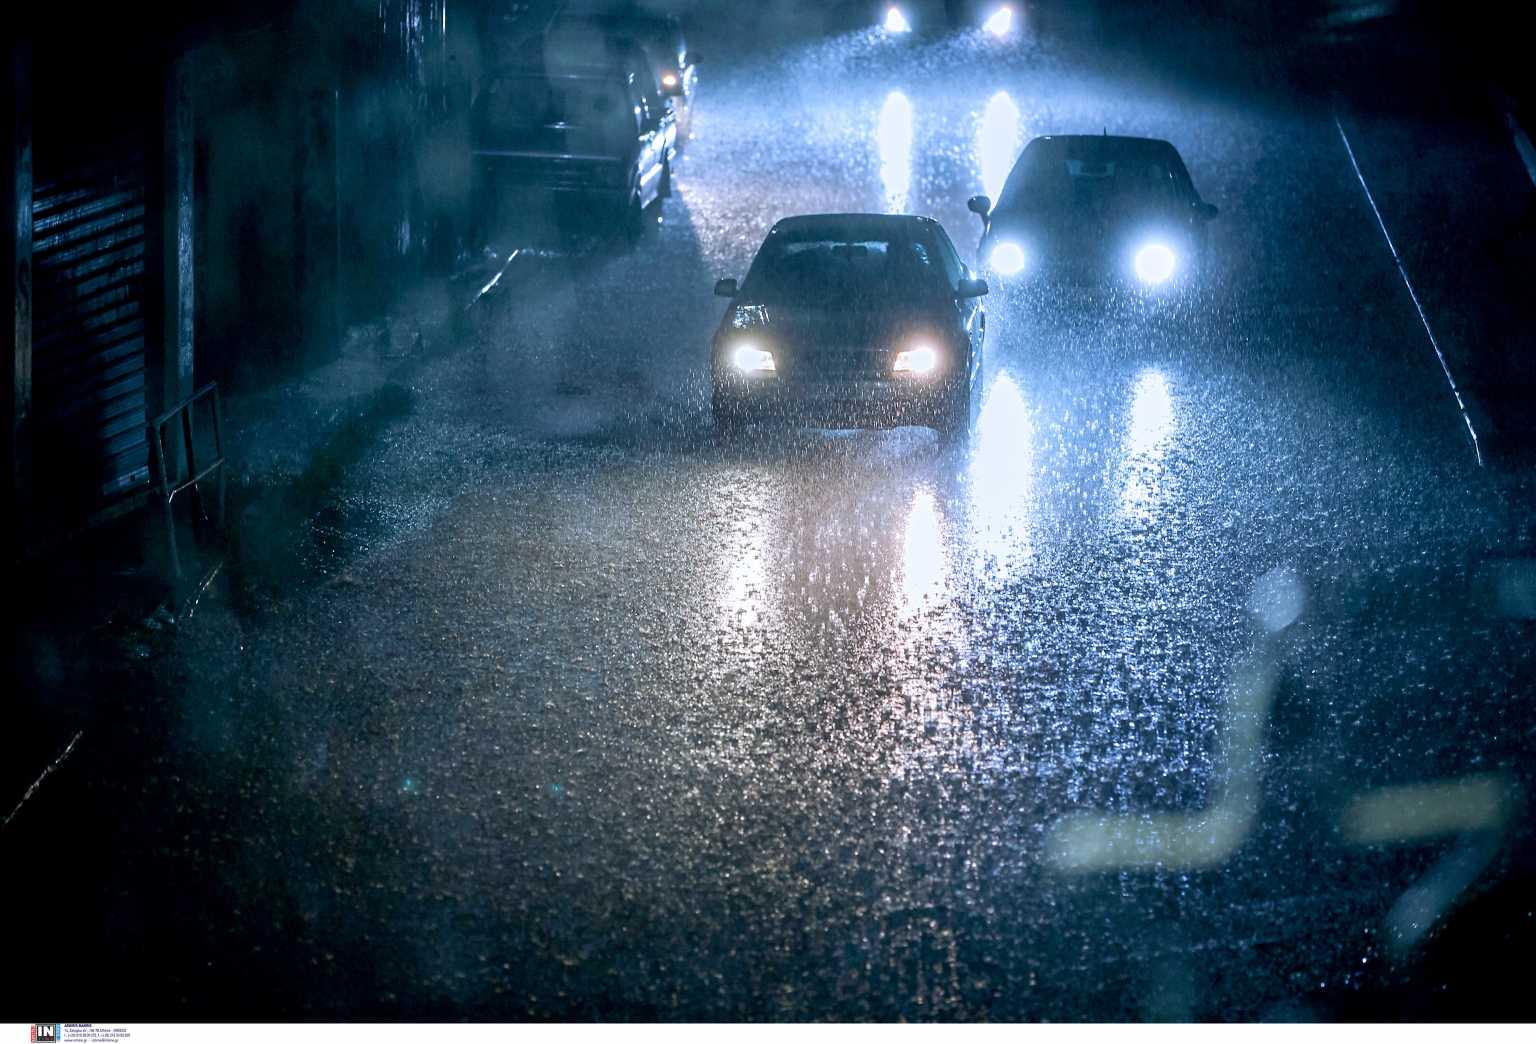 Καιρός: Σφοδρές καταιγίδες σε Θεσσαλονίκη και Χαλκιδική μετά τον καύσωνα – Απίστευτες εικόνες